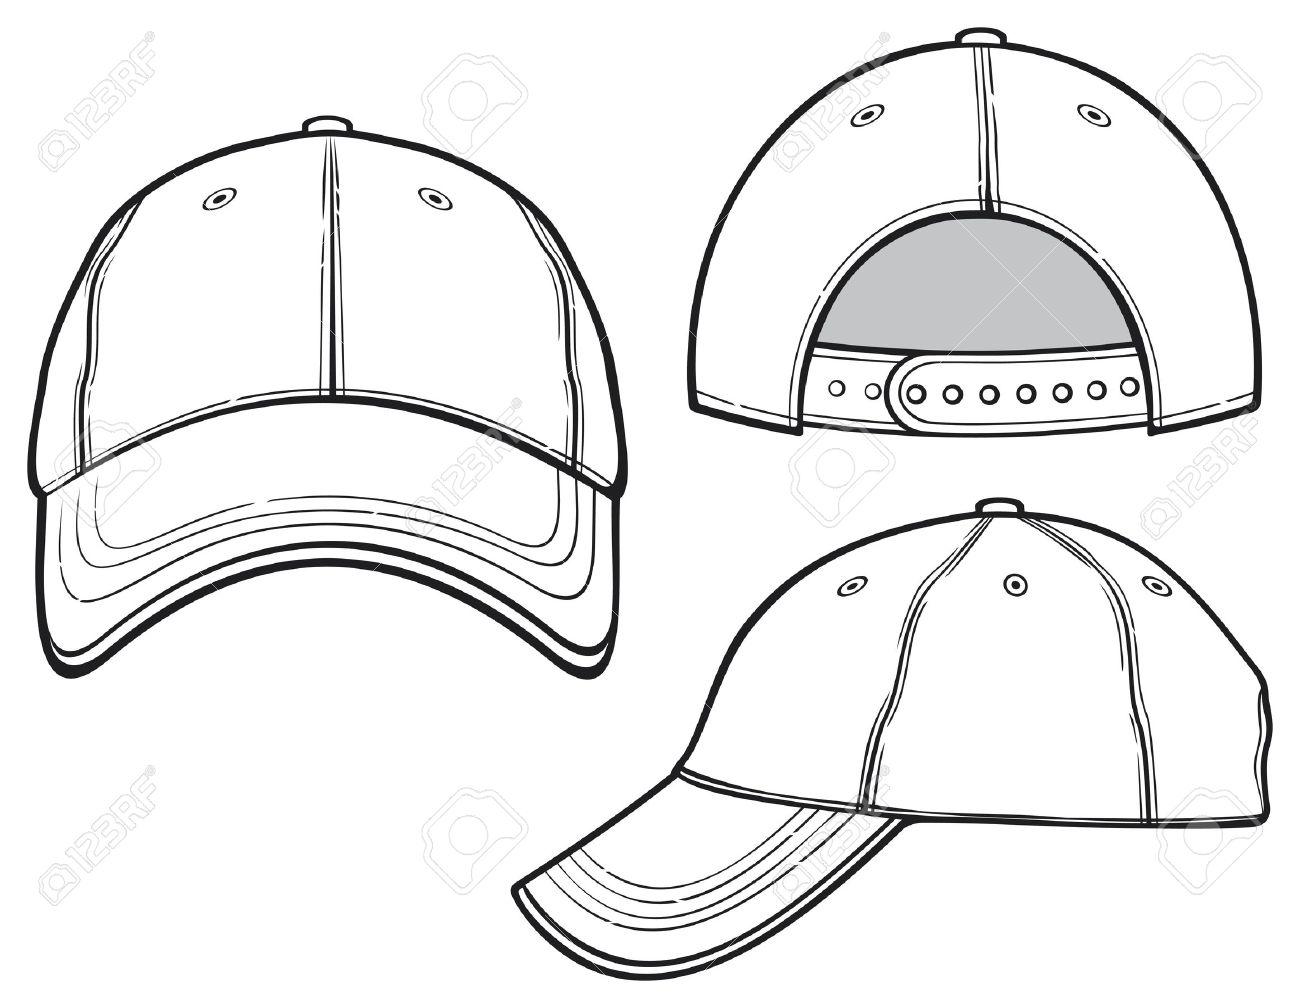 dcd0fa0114a baseball cap Stock Vector - 19189257